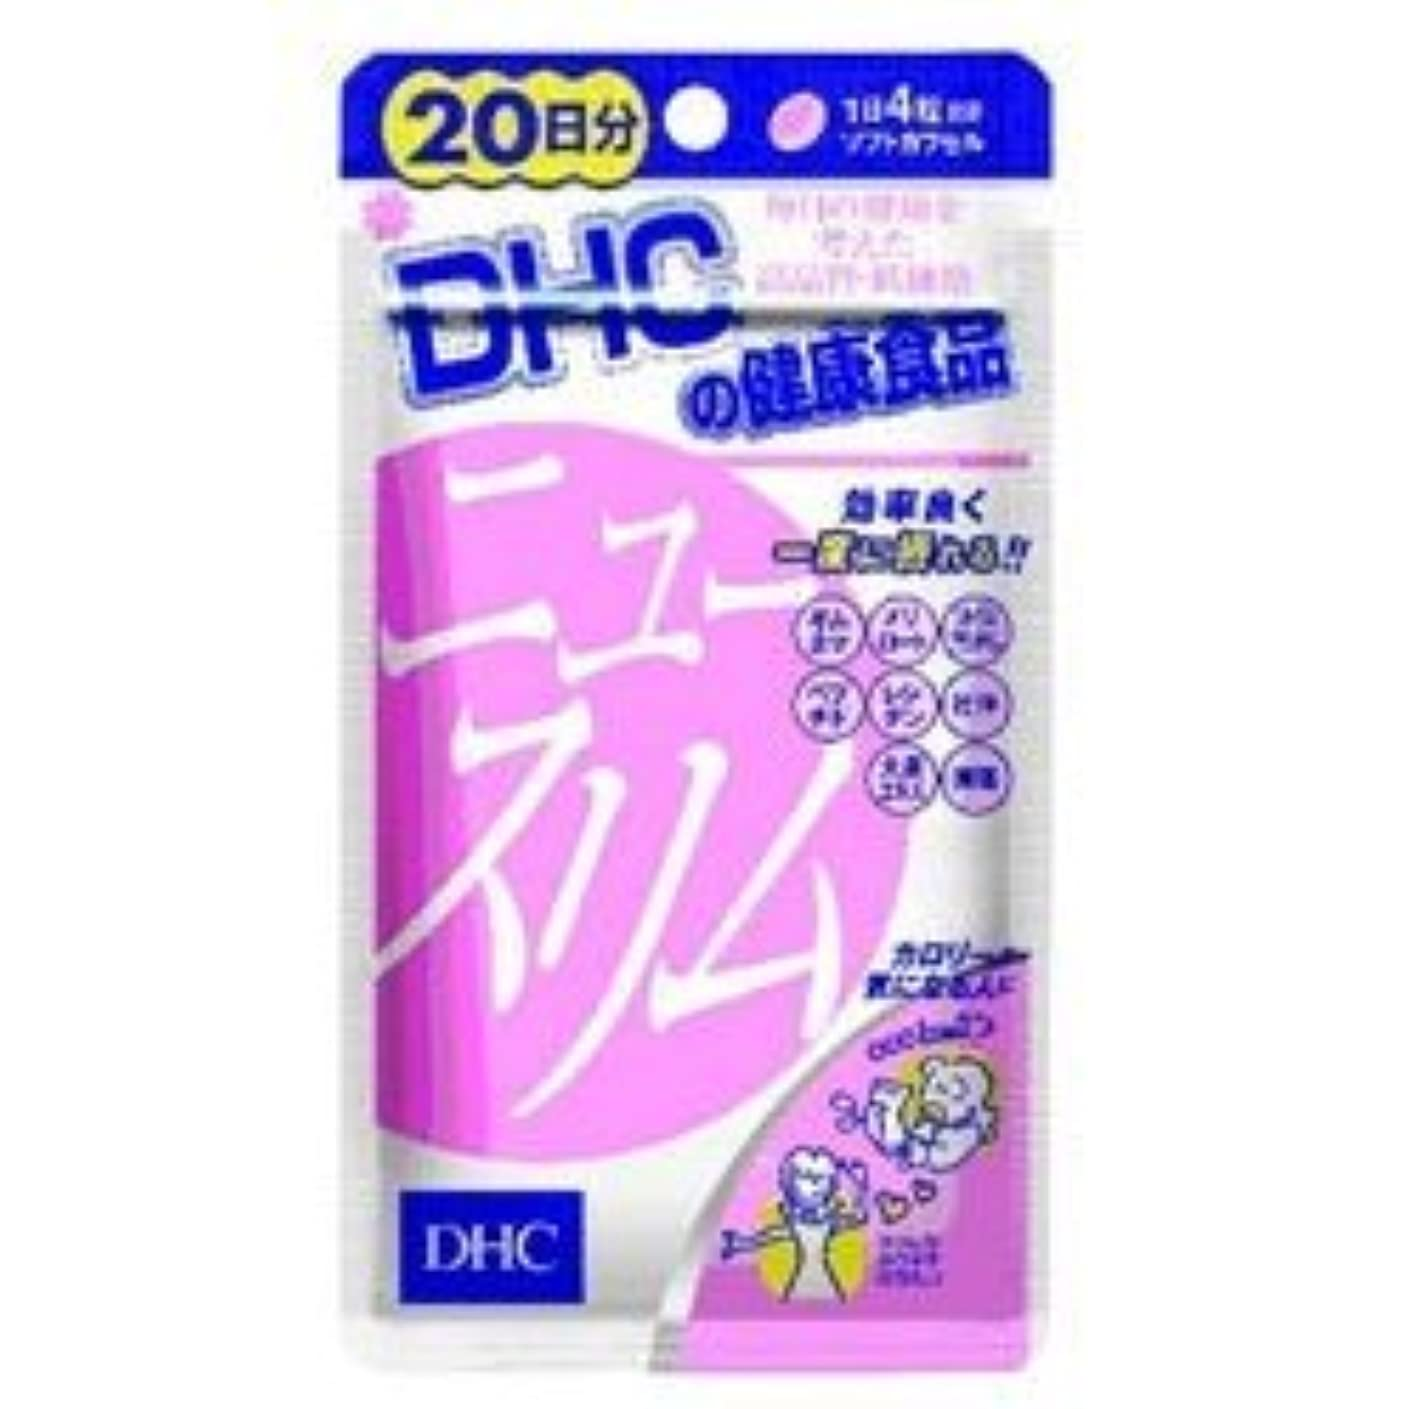 スクランブルオーガニックジョガー【DHC】ニュースリム 20日分 ×20個セット